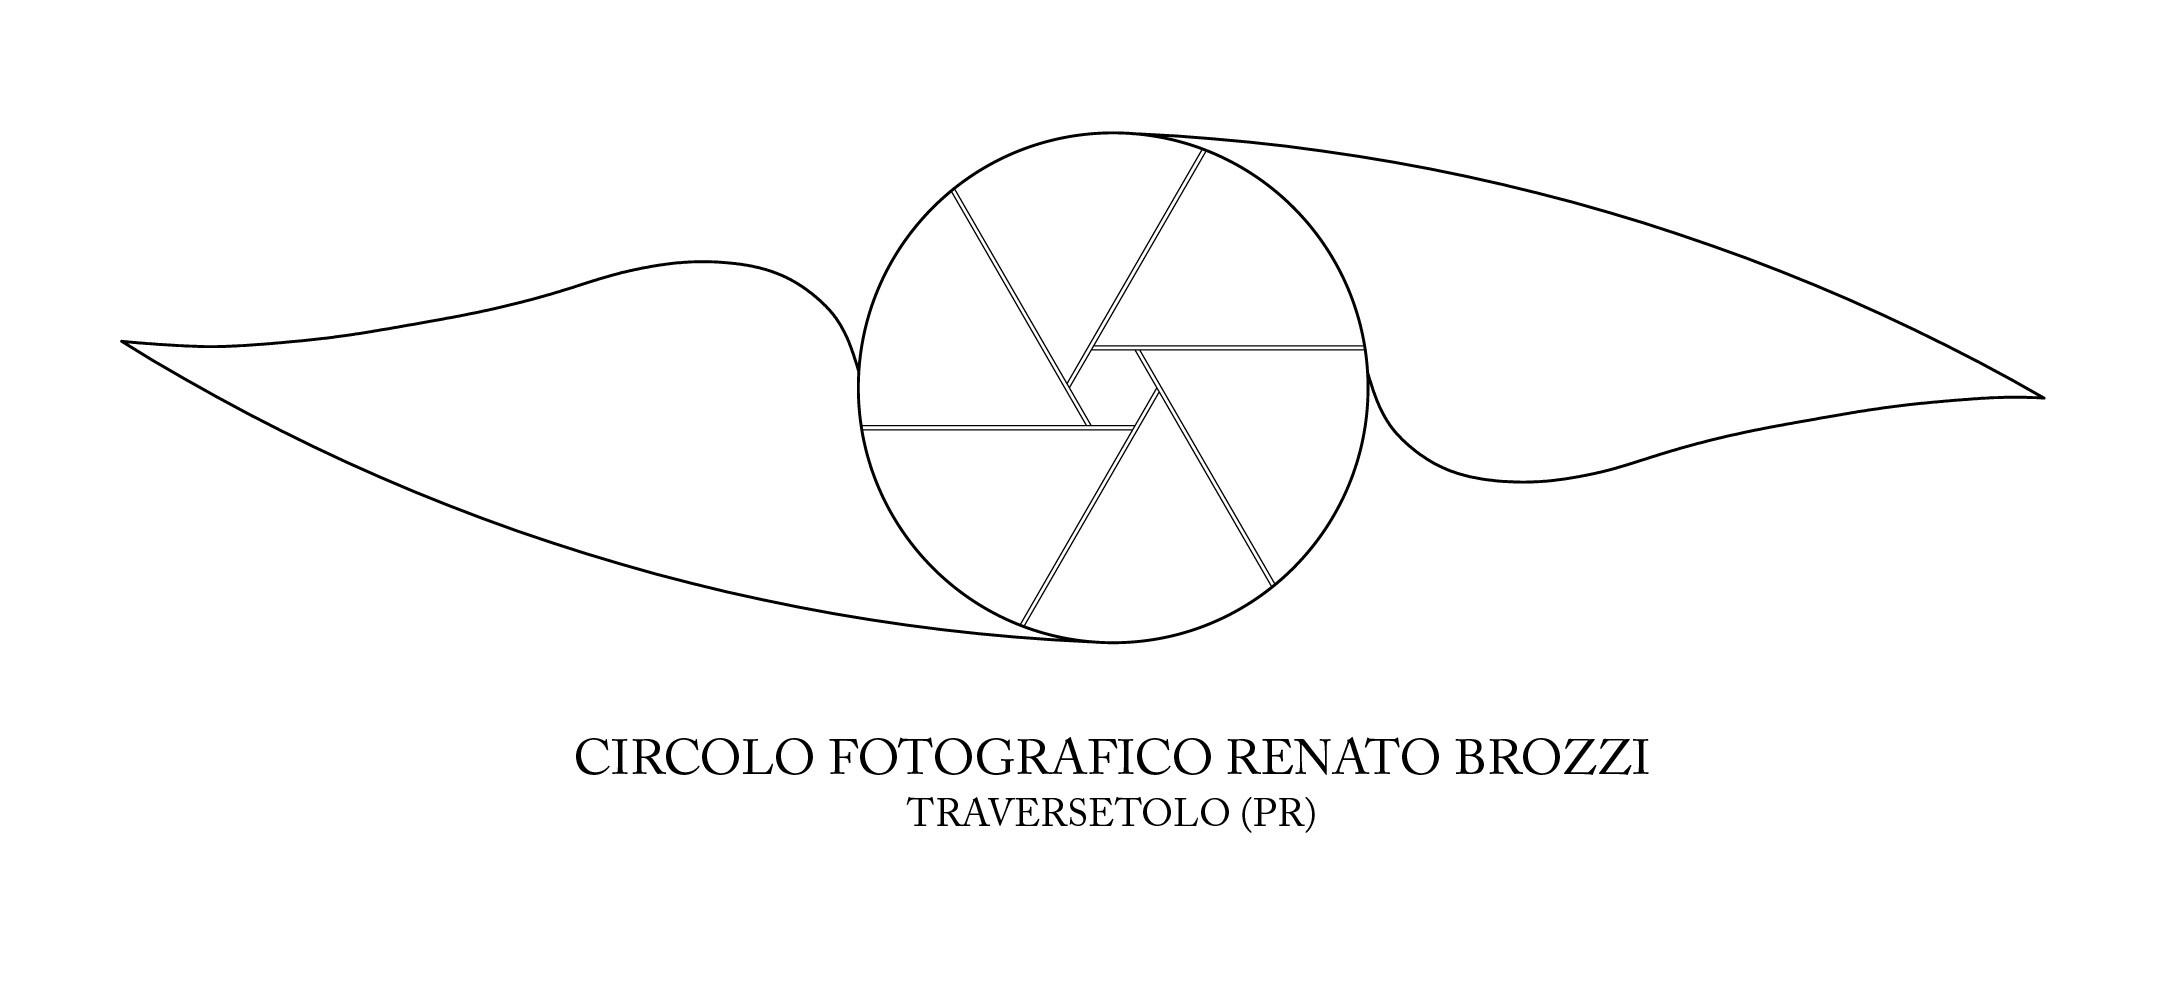 APPUNTAMENTI AL BROZZI con i fotografi Massimo Pietralunga e Michela Fauda